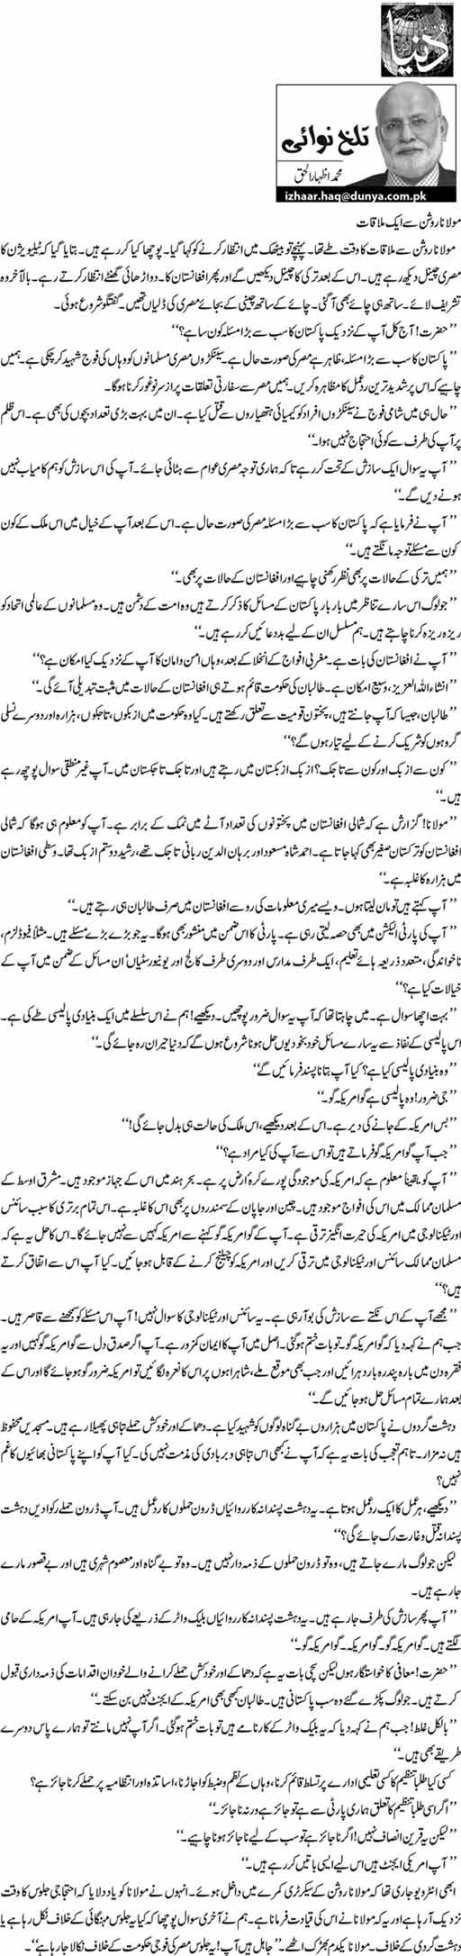 Maulana Roshan Sy Ek Mulakat - M.Izhar ul Haq